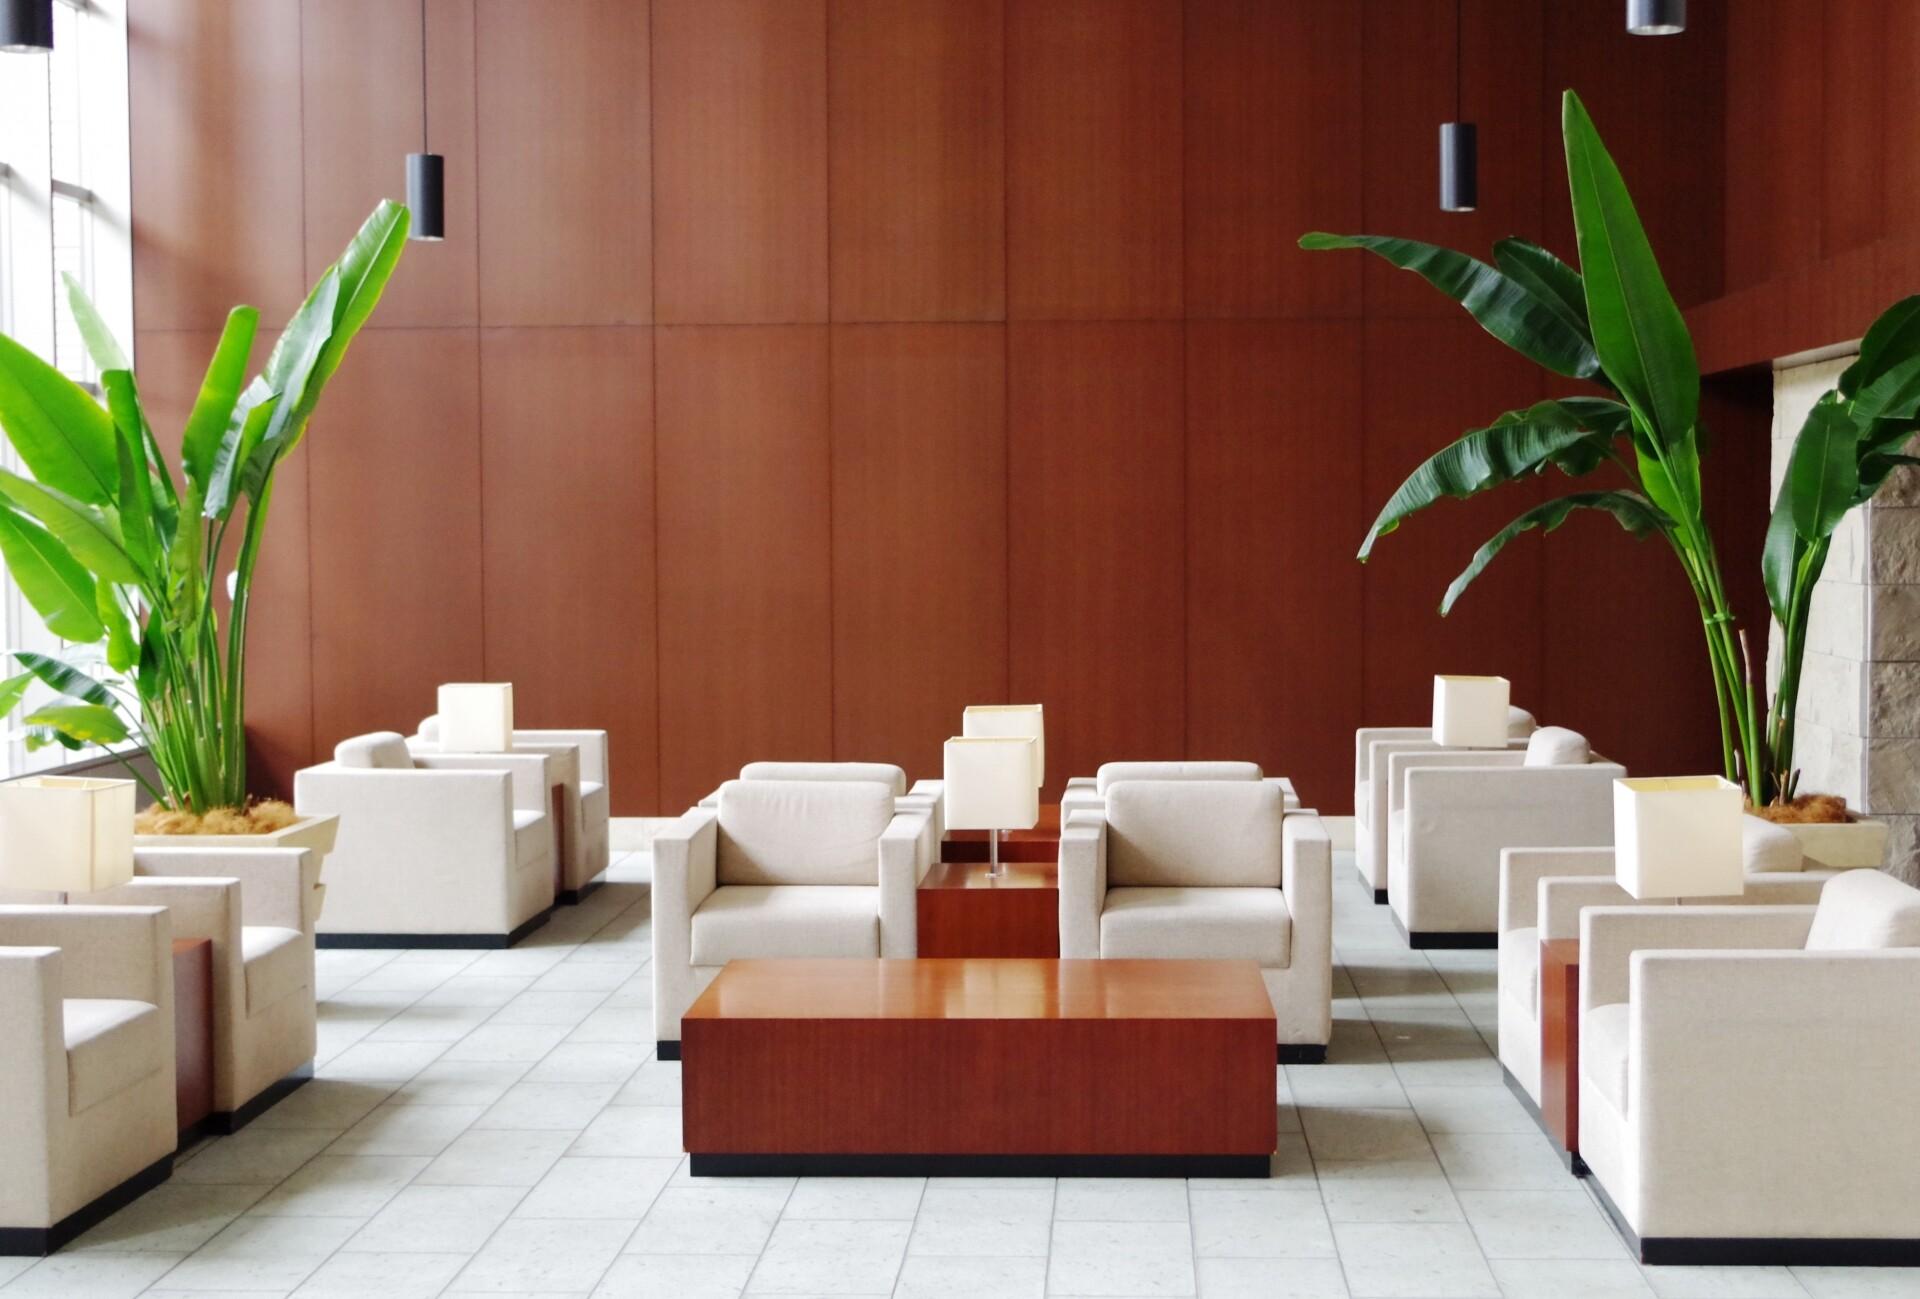 中央区のポスティング不可である高級マンション・高層タワーマンションにもチラシ広告をお届けします